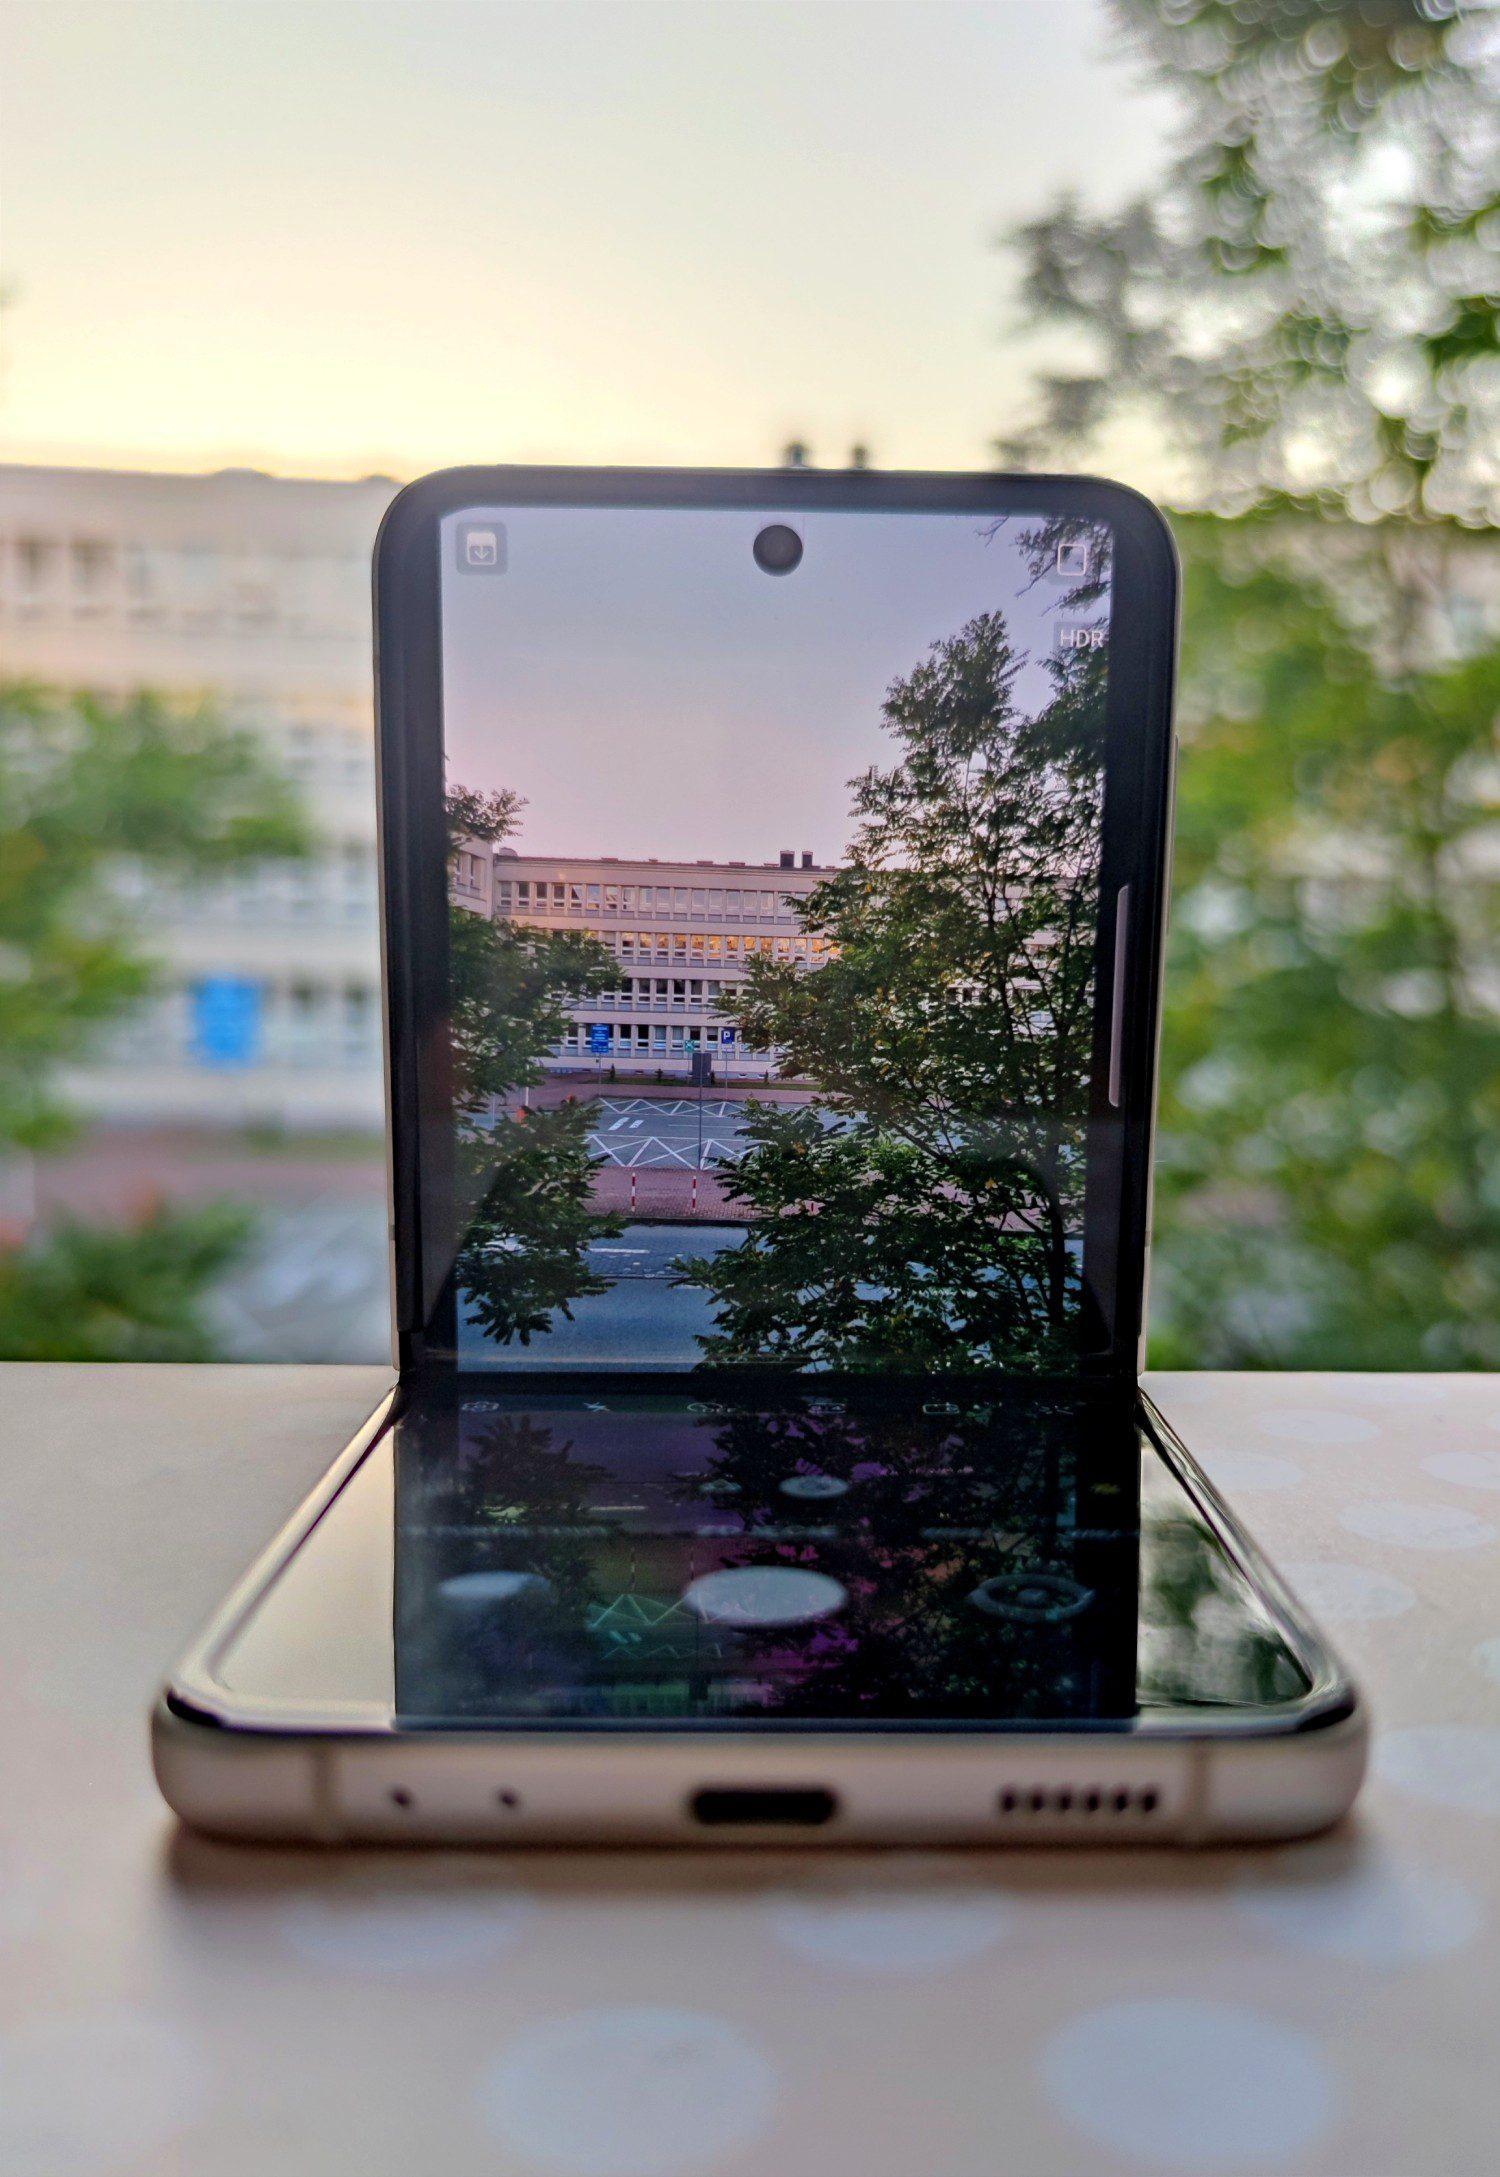 stabilność składanego smartfona